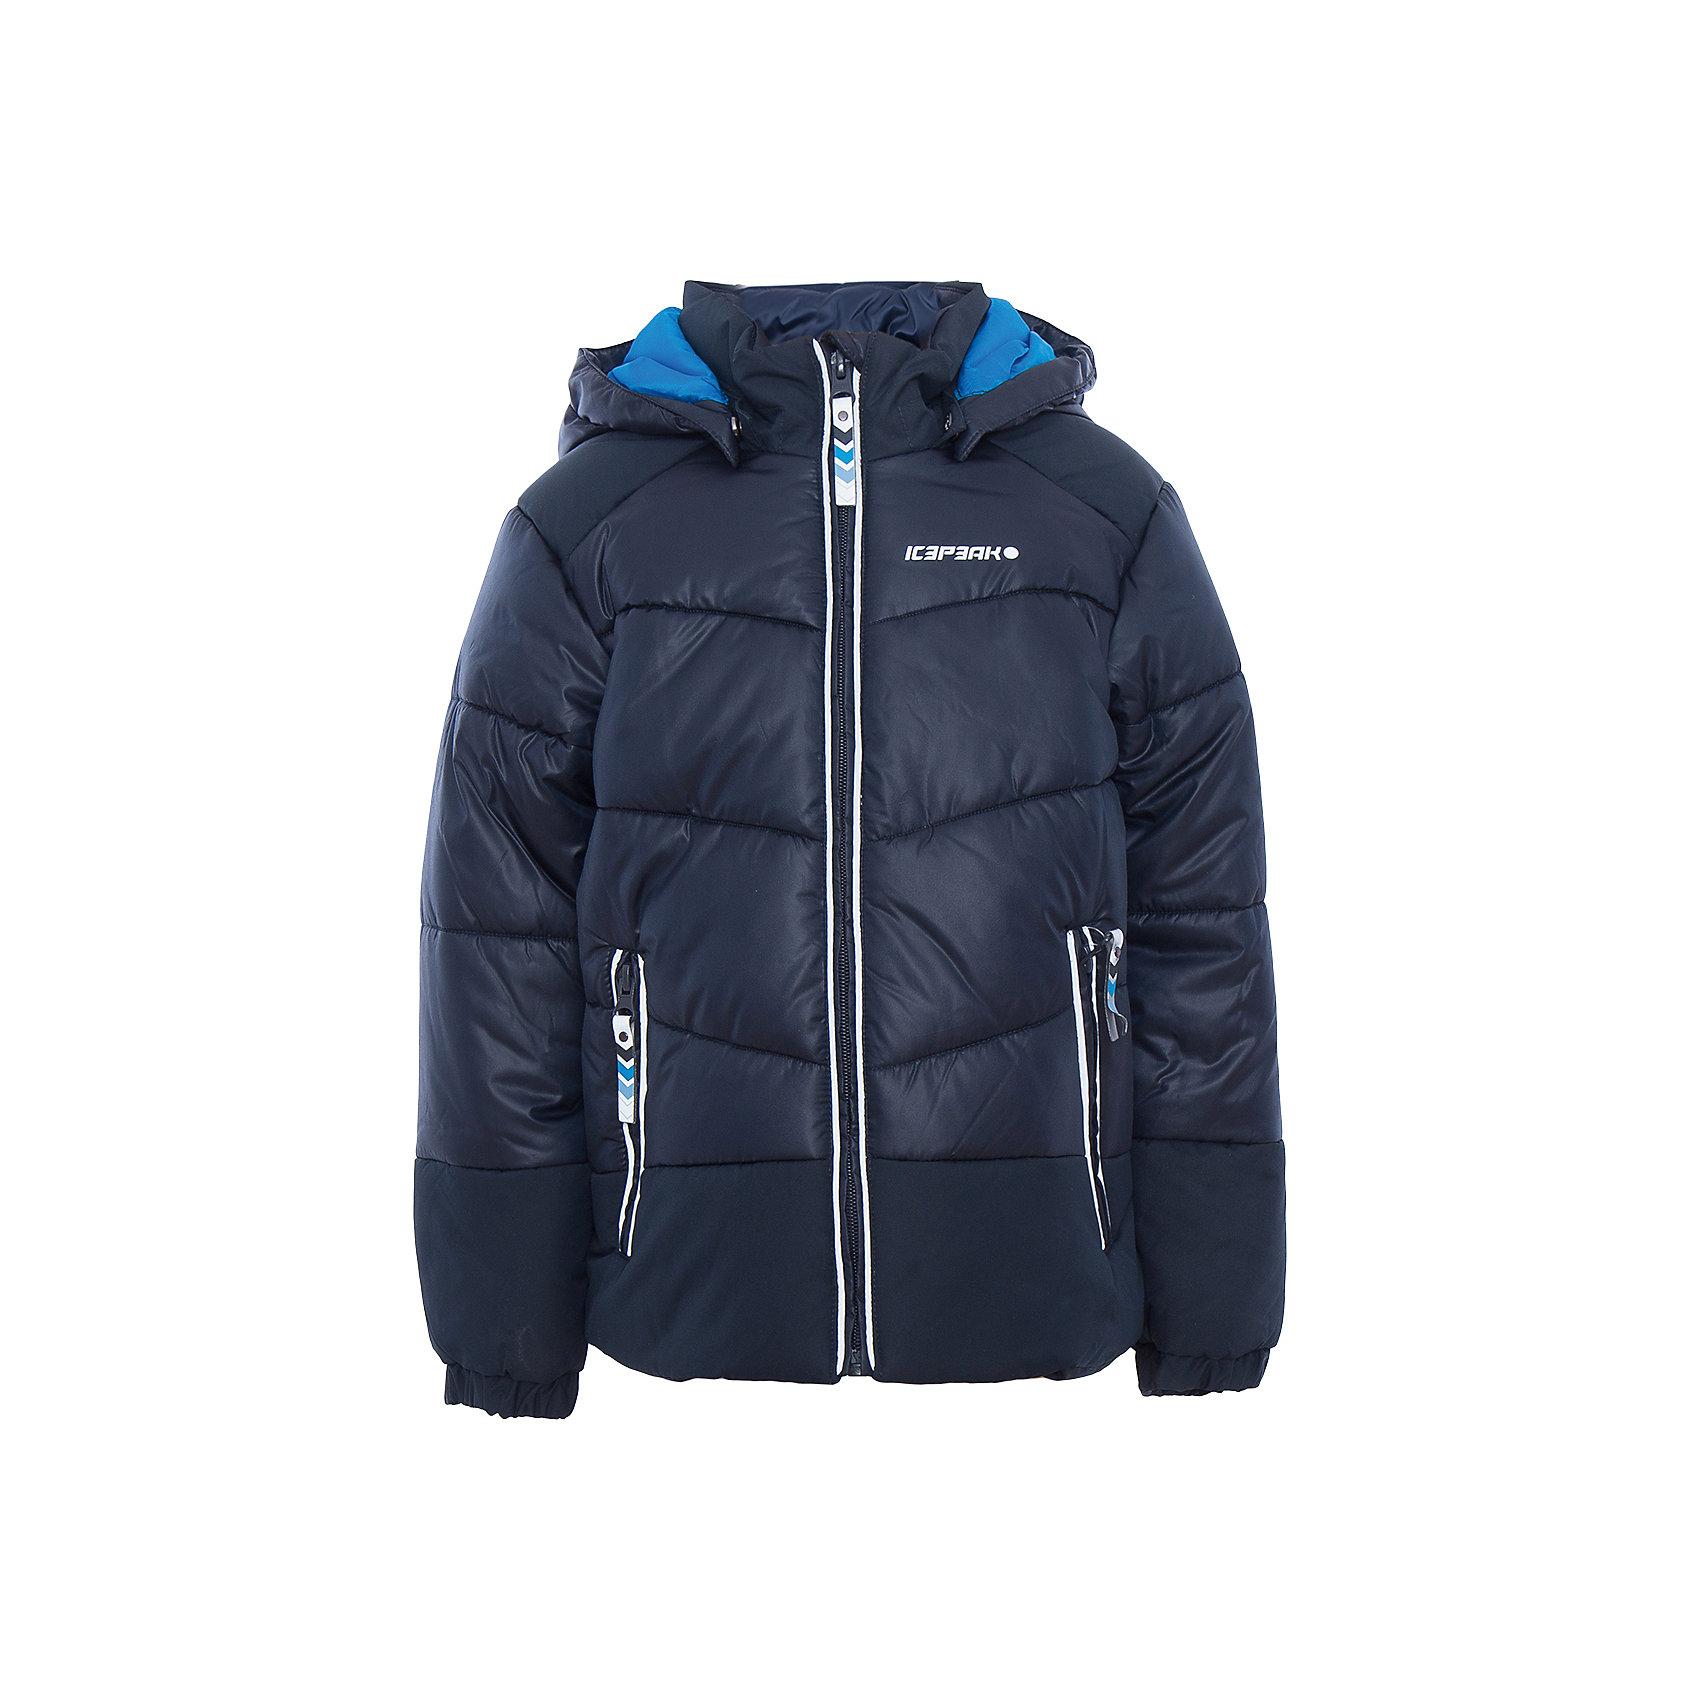 Куртка для мальчика ICEPEAKОдежда<br>Куртка для мальчика от известного бренда ICEPEAK.<br>Куртка с отстегивающимся капюшоном, капюшон с искусственным мехом, утяжка в нижней части куртки, утепленные и мягкие боковые карманы на молнии, на концах рукава эластичные резинки, светоотражающие элементы, искусственный утеплитель Finnwad, утепление 240/240 гр., рекомендуемый температурный режим до -20 град.<br>Технологии: Water repellent; Children's safety; Reflectors<br>Состав:<br>100% полиэстер<br><br>Ширина мм: 356<br>Глубина мм: 10<br>Высота мм: 245<br>Вес г: 519<br>Цвет: синий<br>Возраст от месяцев: 18<br>Возраст до месяцев: 24<br>Пол: Мужской<br>Возраст: Детский<br>Размер: 92,98,104,110,116,122<br>SKU: 5413882